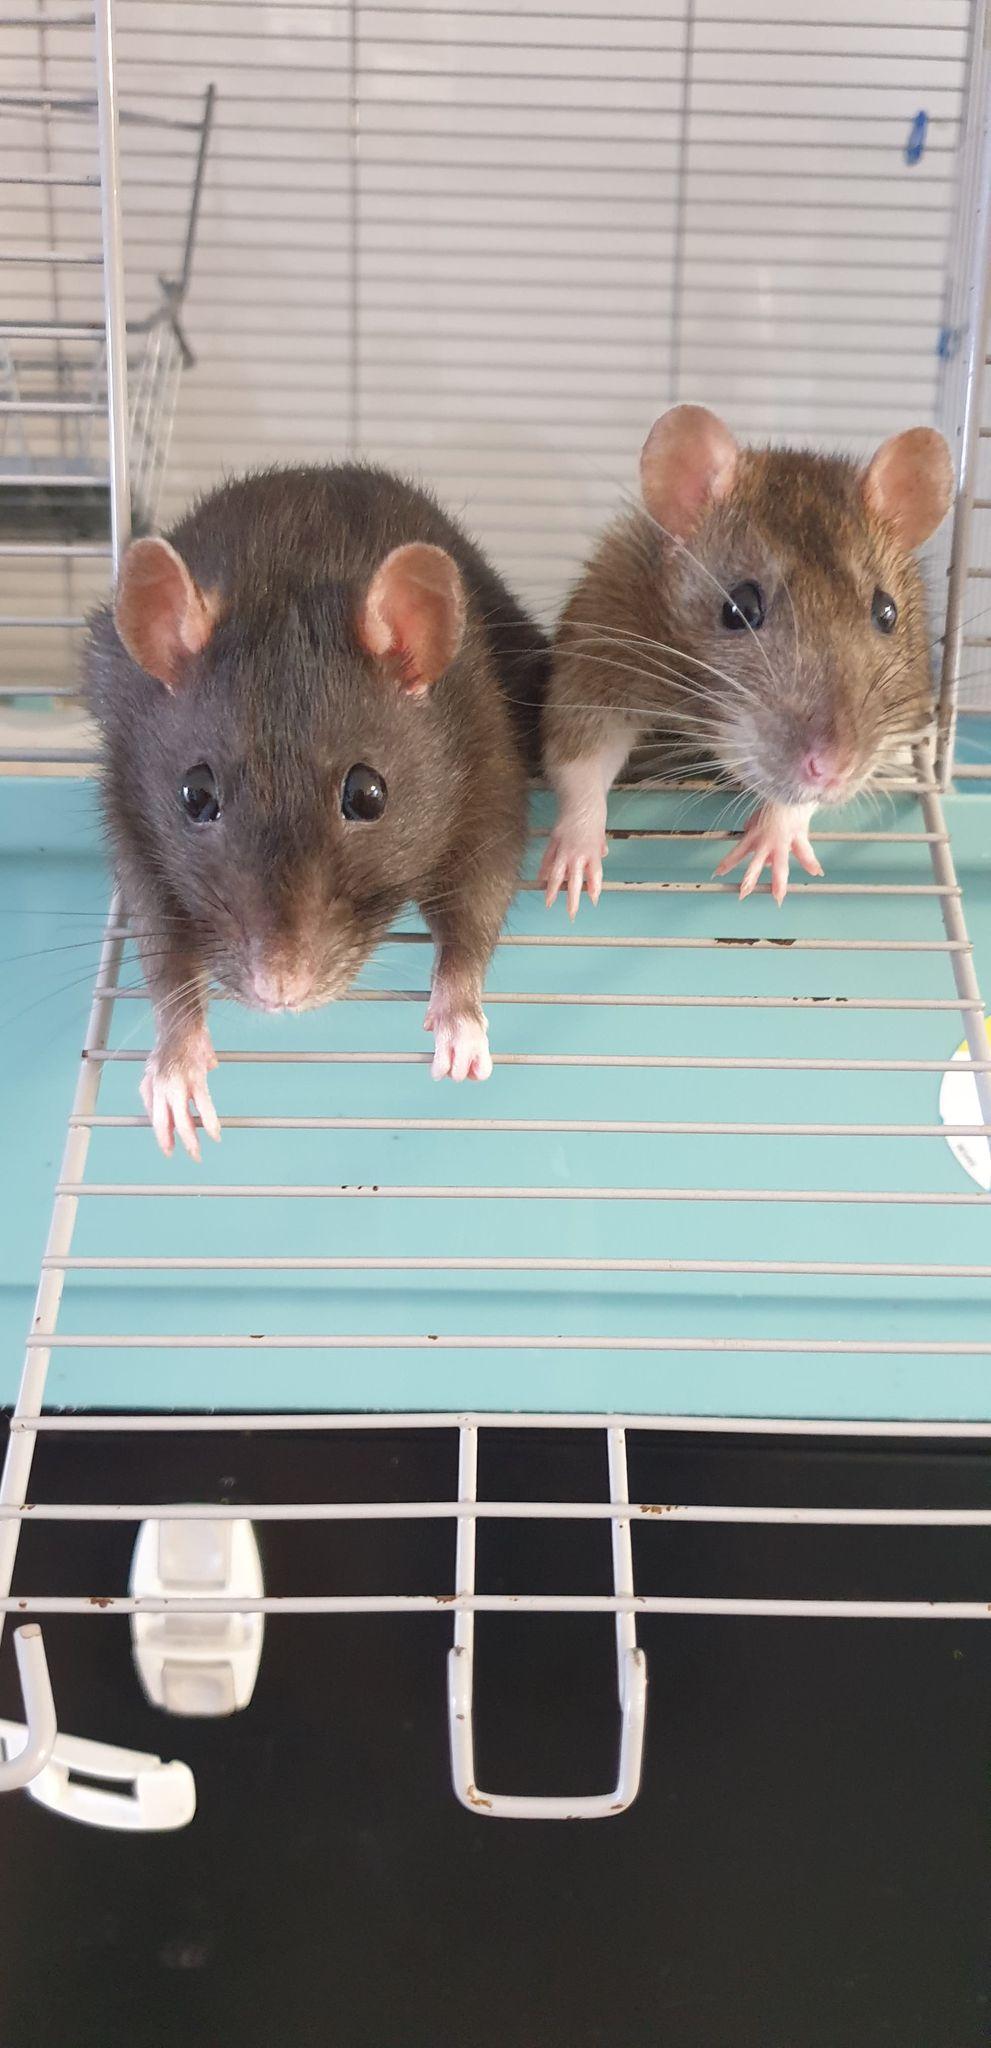 Recherche FA ou adoptants pour deux mamies ratounes de 2 ans et demi 11876810